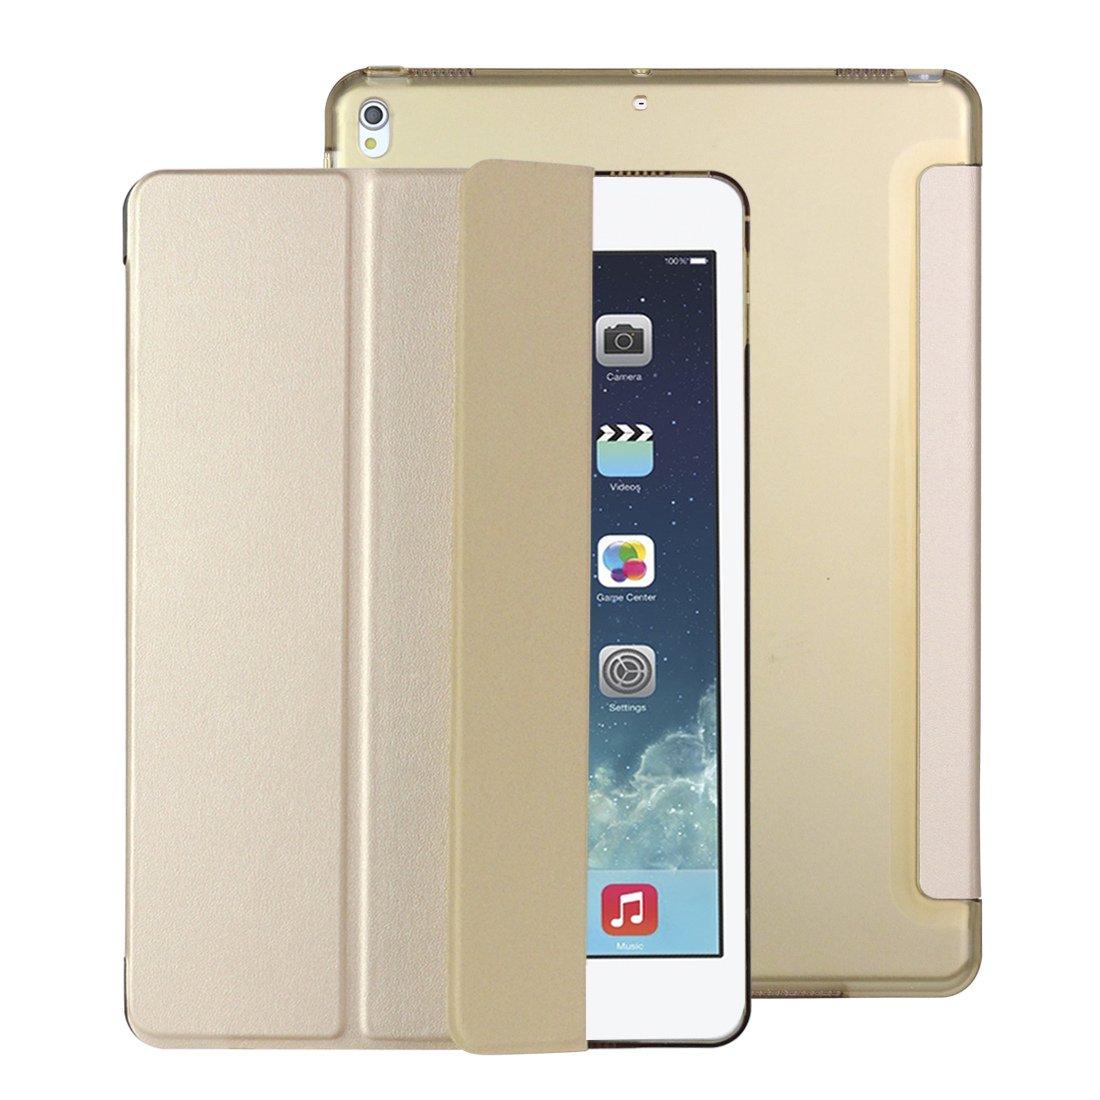 iPad Pro 10.5 Coque,Goojodoq Fin à Premium PU Cuir Smart Cover Support Pliant d'écran Avec Translucide Givré PC Protection Coque Arrière pour iPad Pro 10.5, Avec Fonction de Veille/Réveil Automatiquer GOOJODOQA207case-3